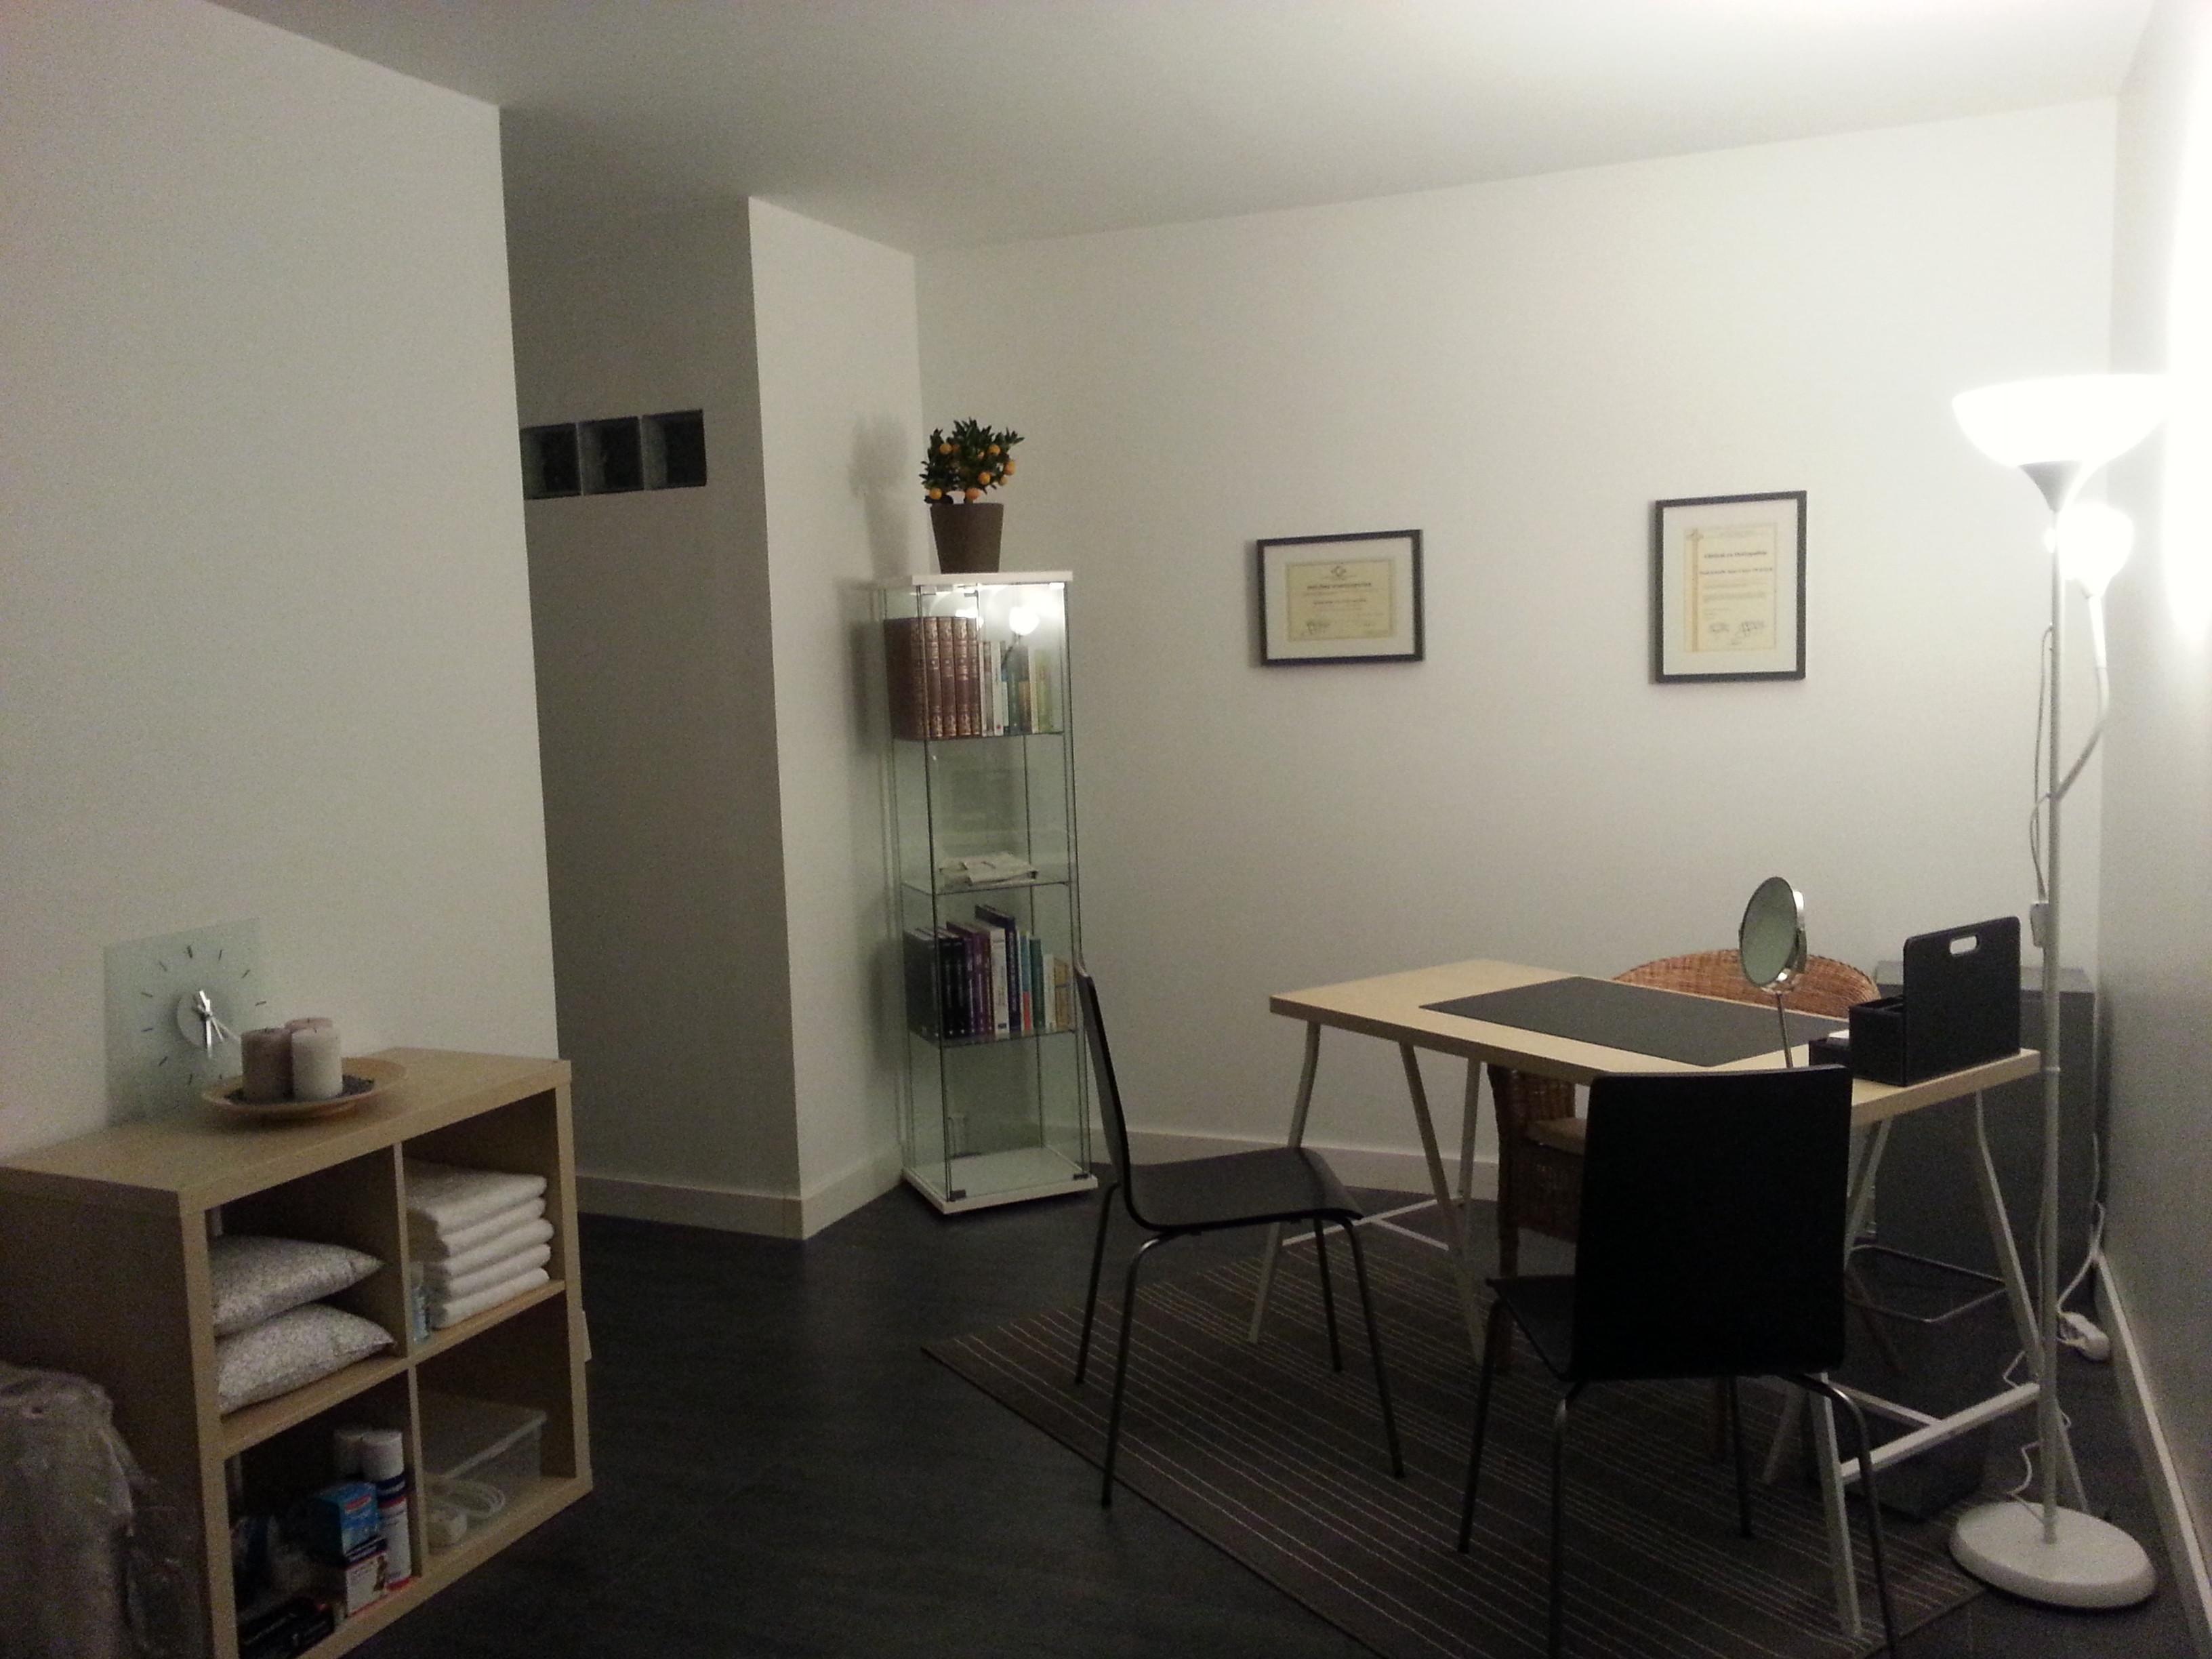 ost opathe dans le 91 essonne evry le guide des m decines douces. Black Bedroom Furniture Sets. Home Design Ideas